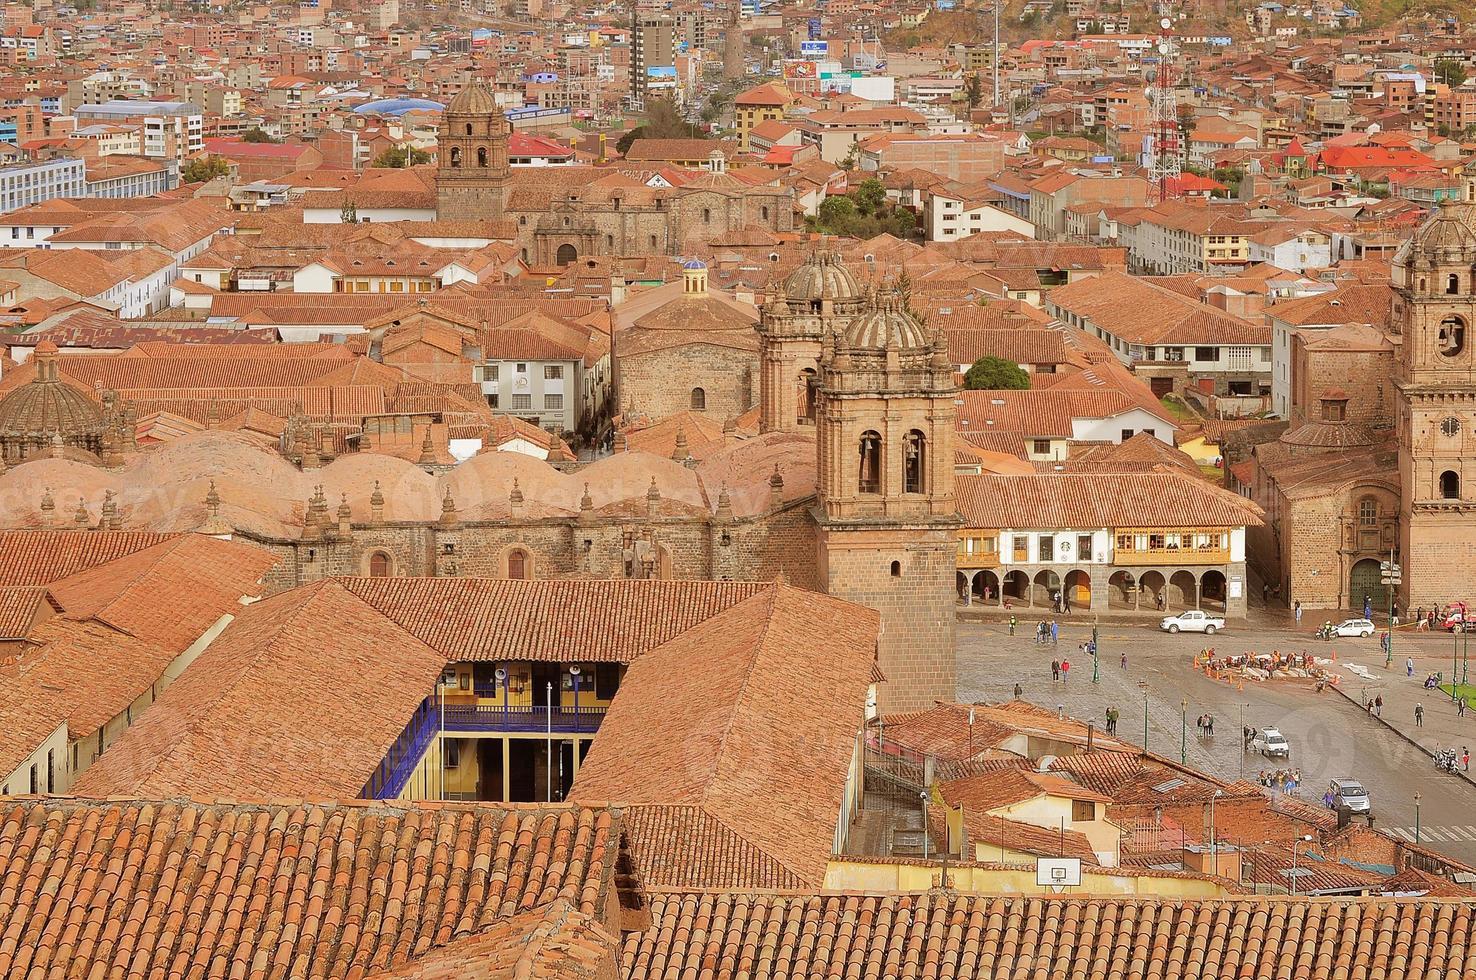 El centro histórico de Cuzco. foto